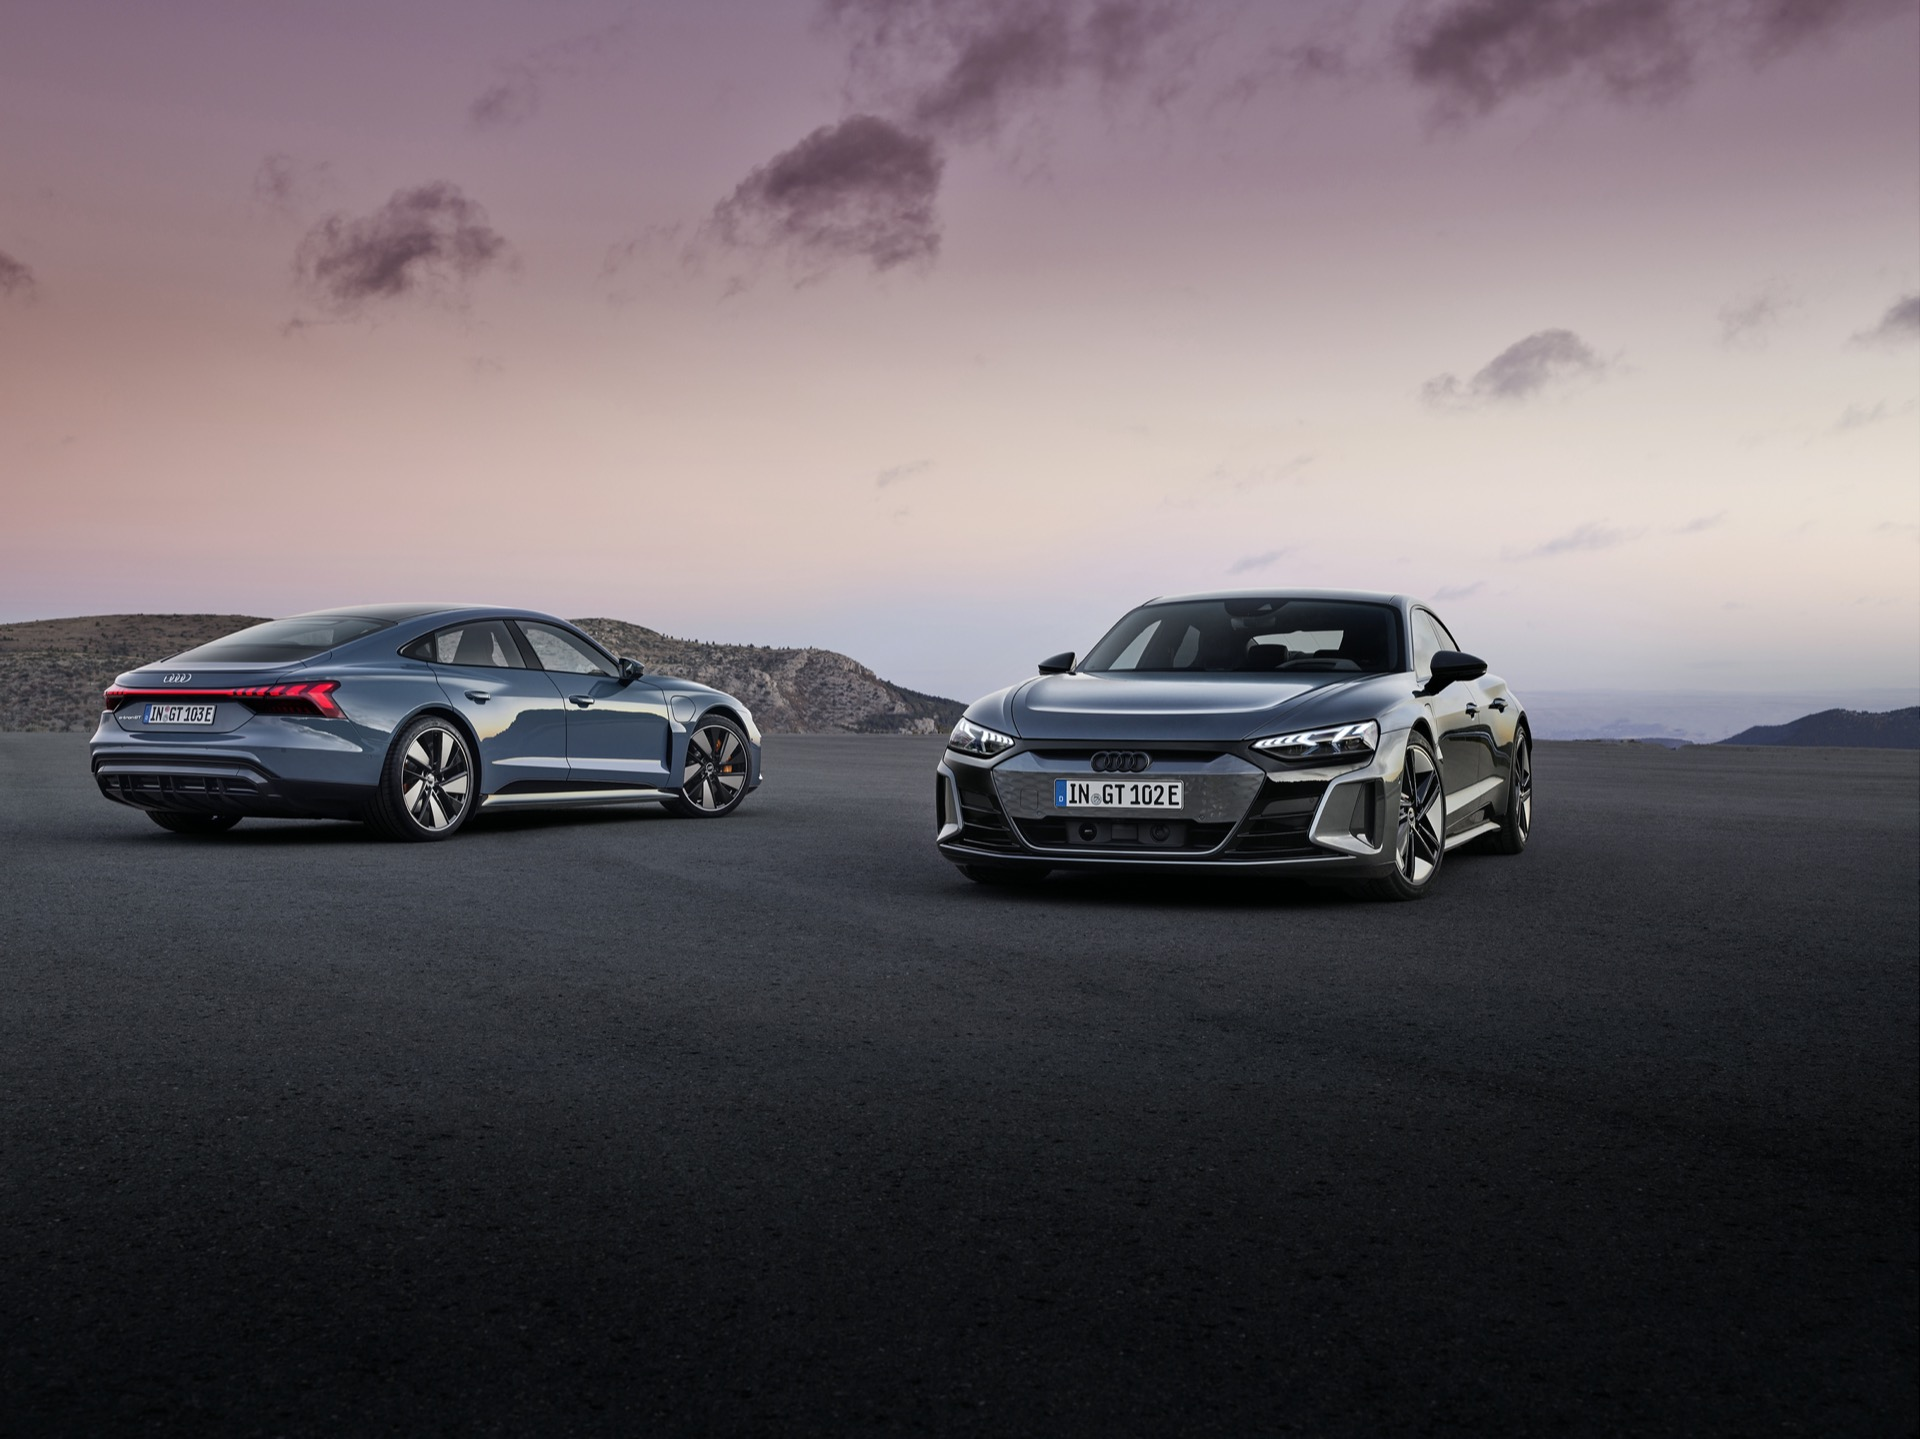 Audi E Tron Gt Quattro / Audi Rs E Tron Gt